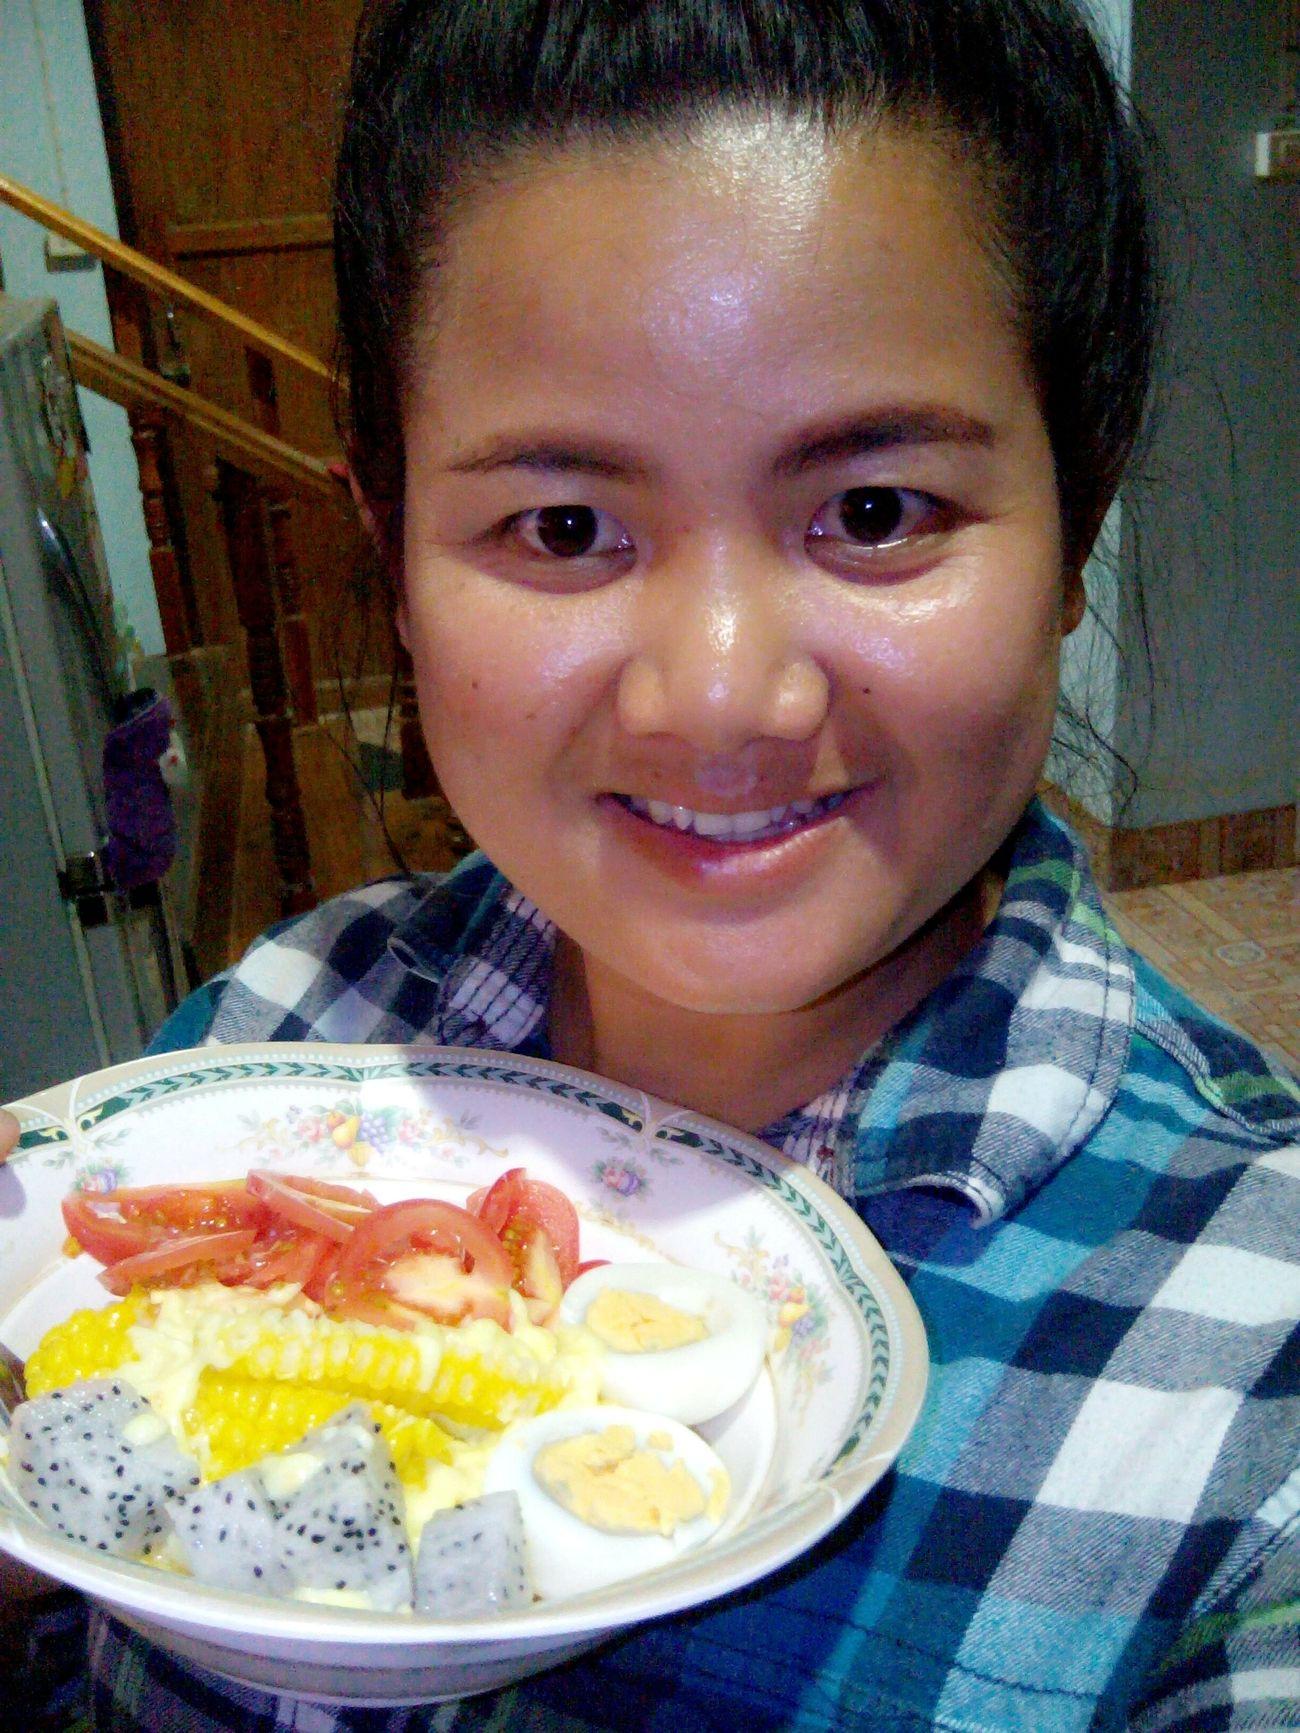 สลัดผลไม้ อร่อยฝุดๆ Yummy♡ Furit Salad Enjoying Life Hello World Love Food, Love Life.